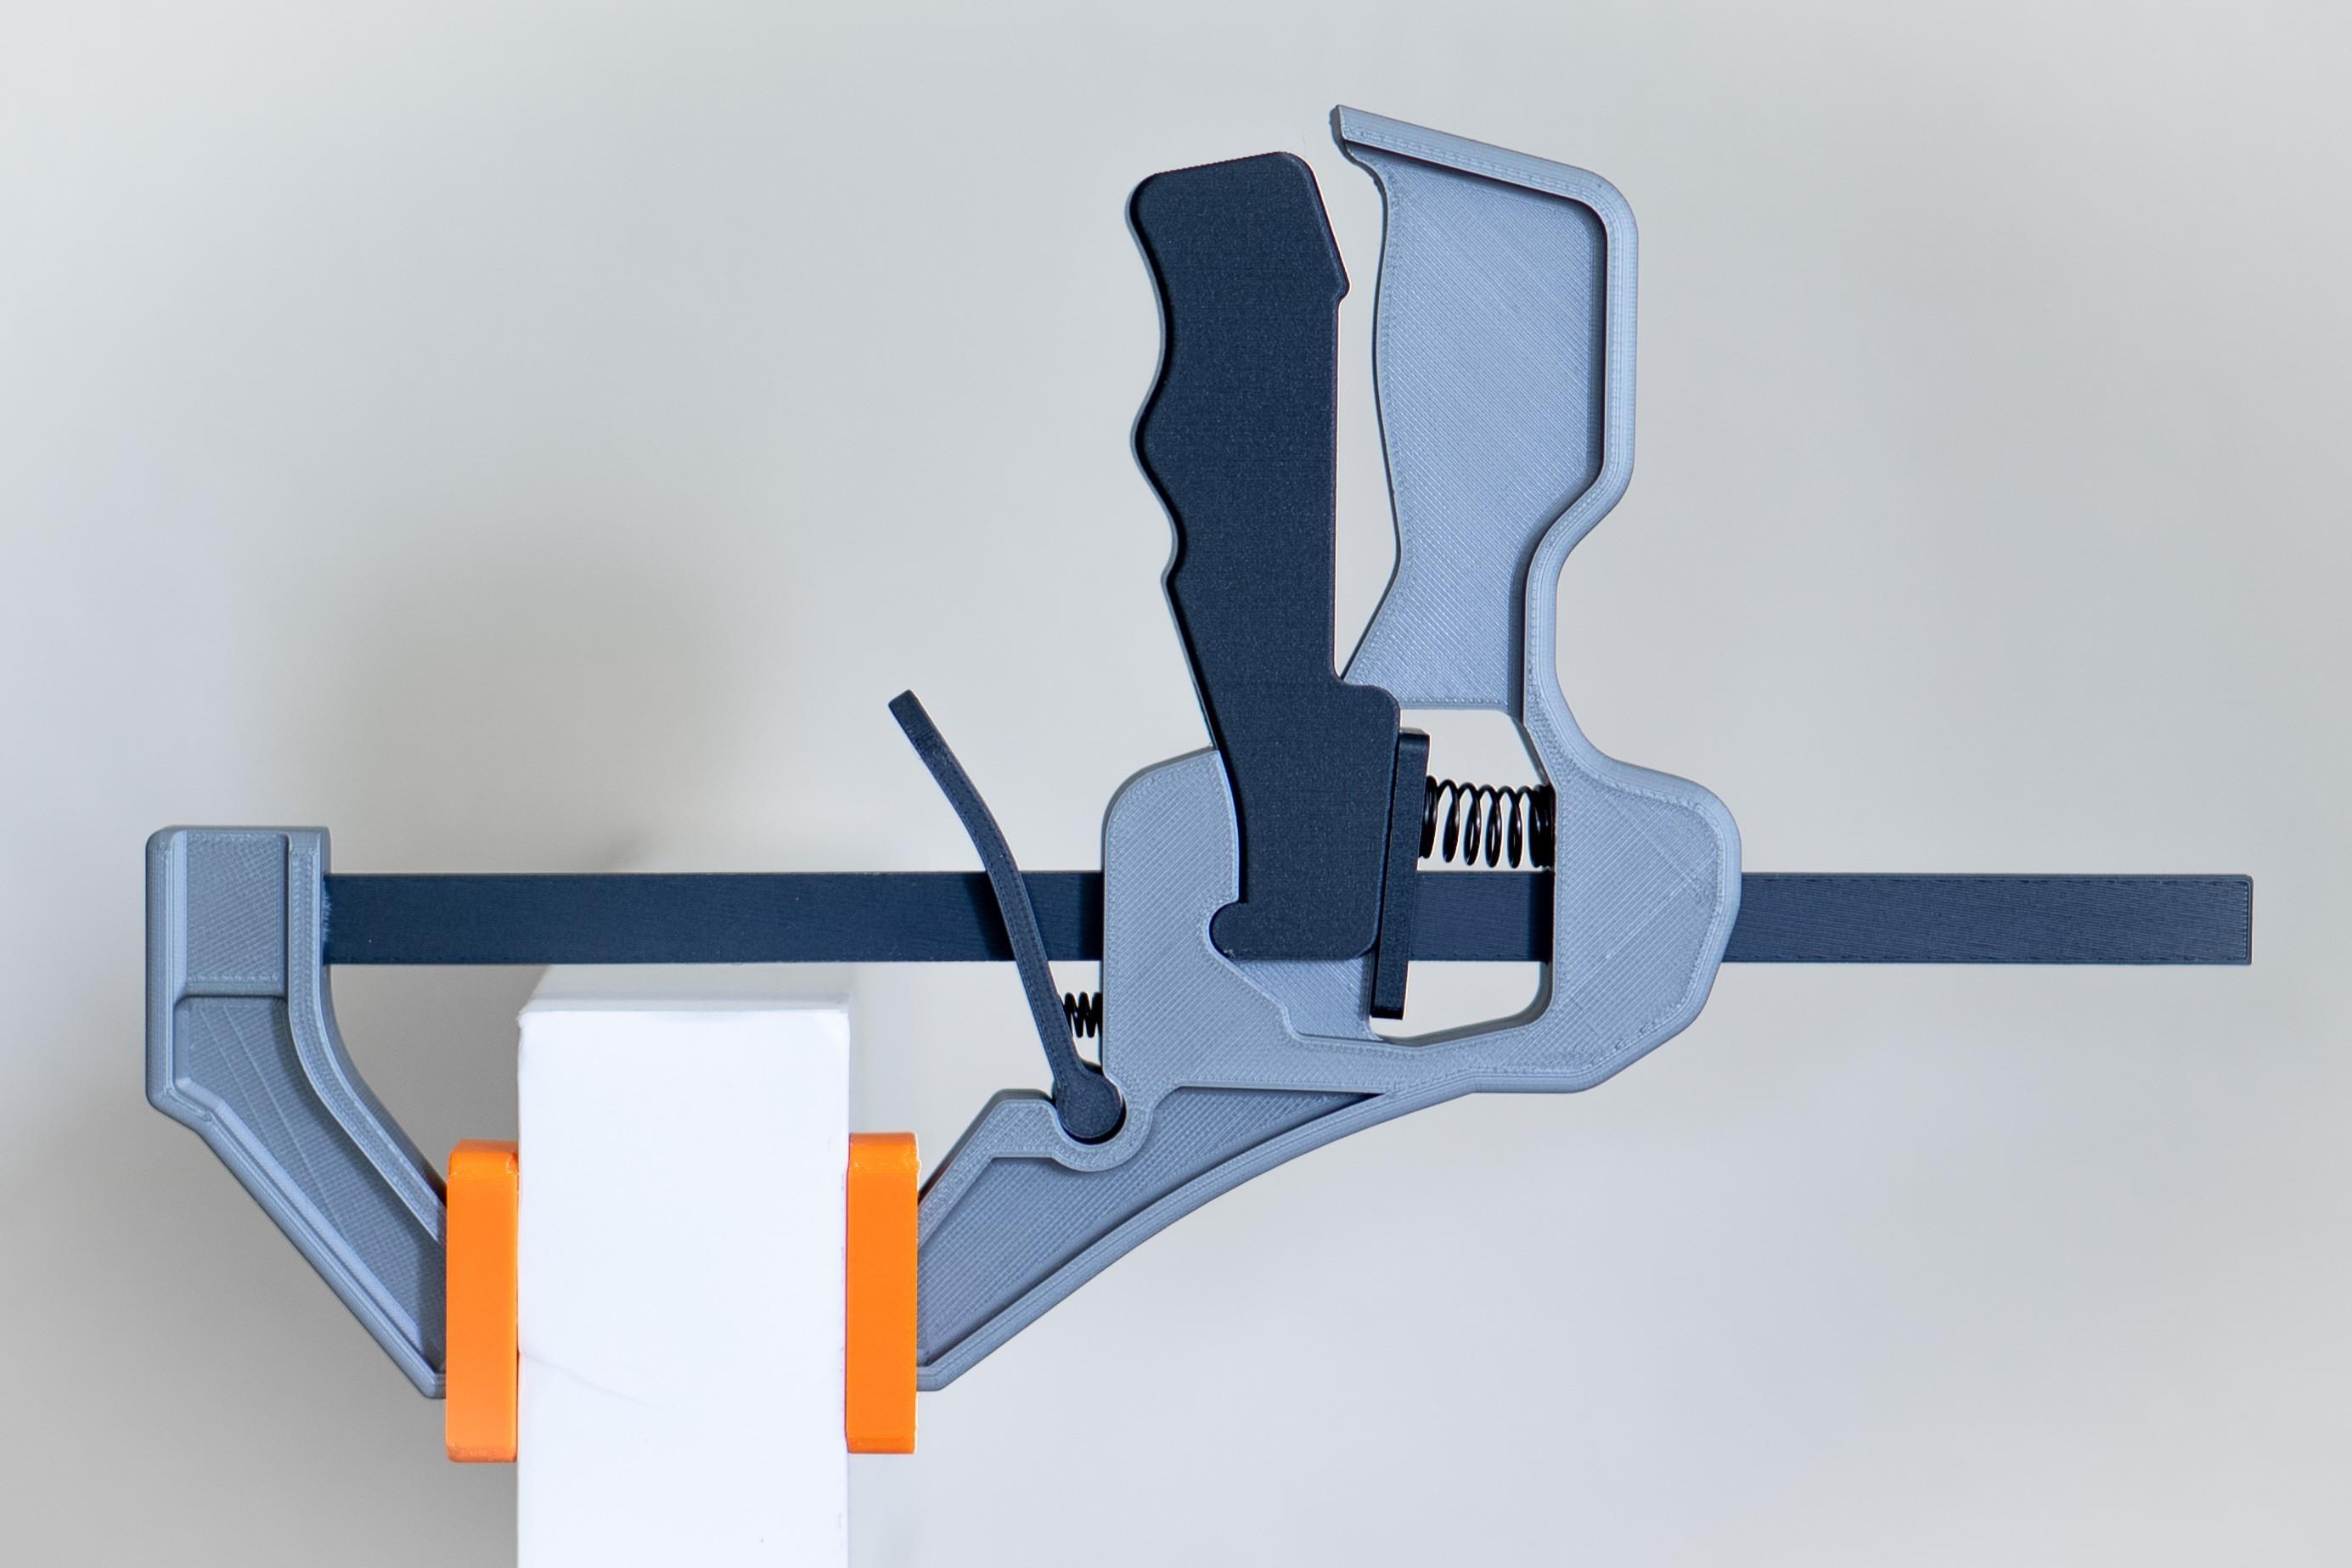 DSC09851-2.jpg Télécharger fichier STL gratuit Pince de détente à prise rapide imprimable (fonctionnelle) • Design imprimable en 3D, arron_mollet22